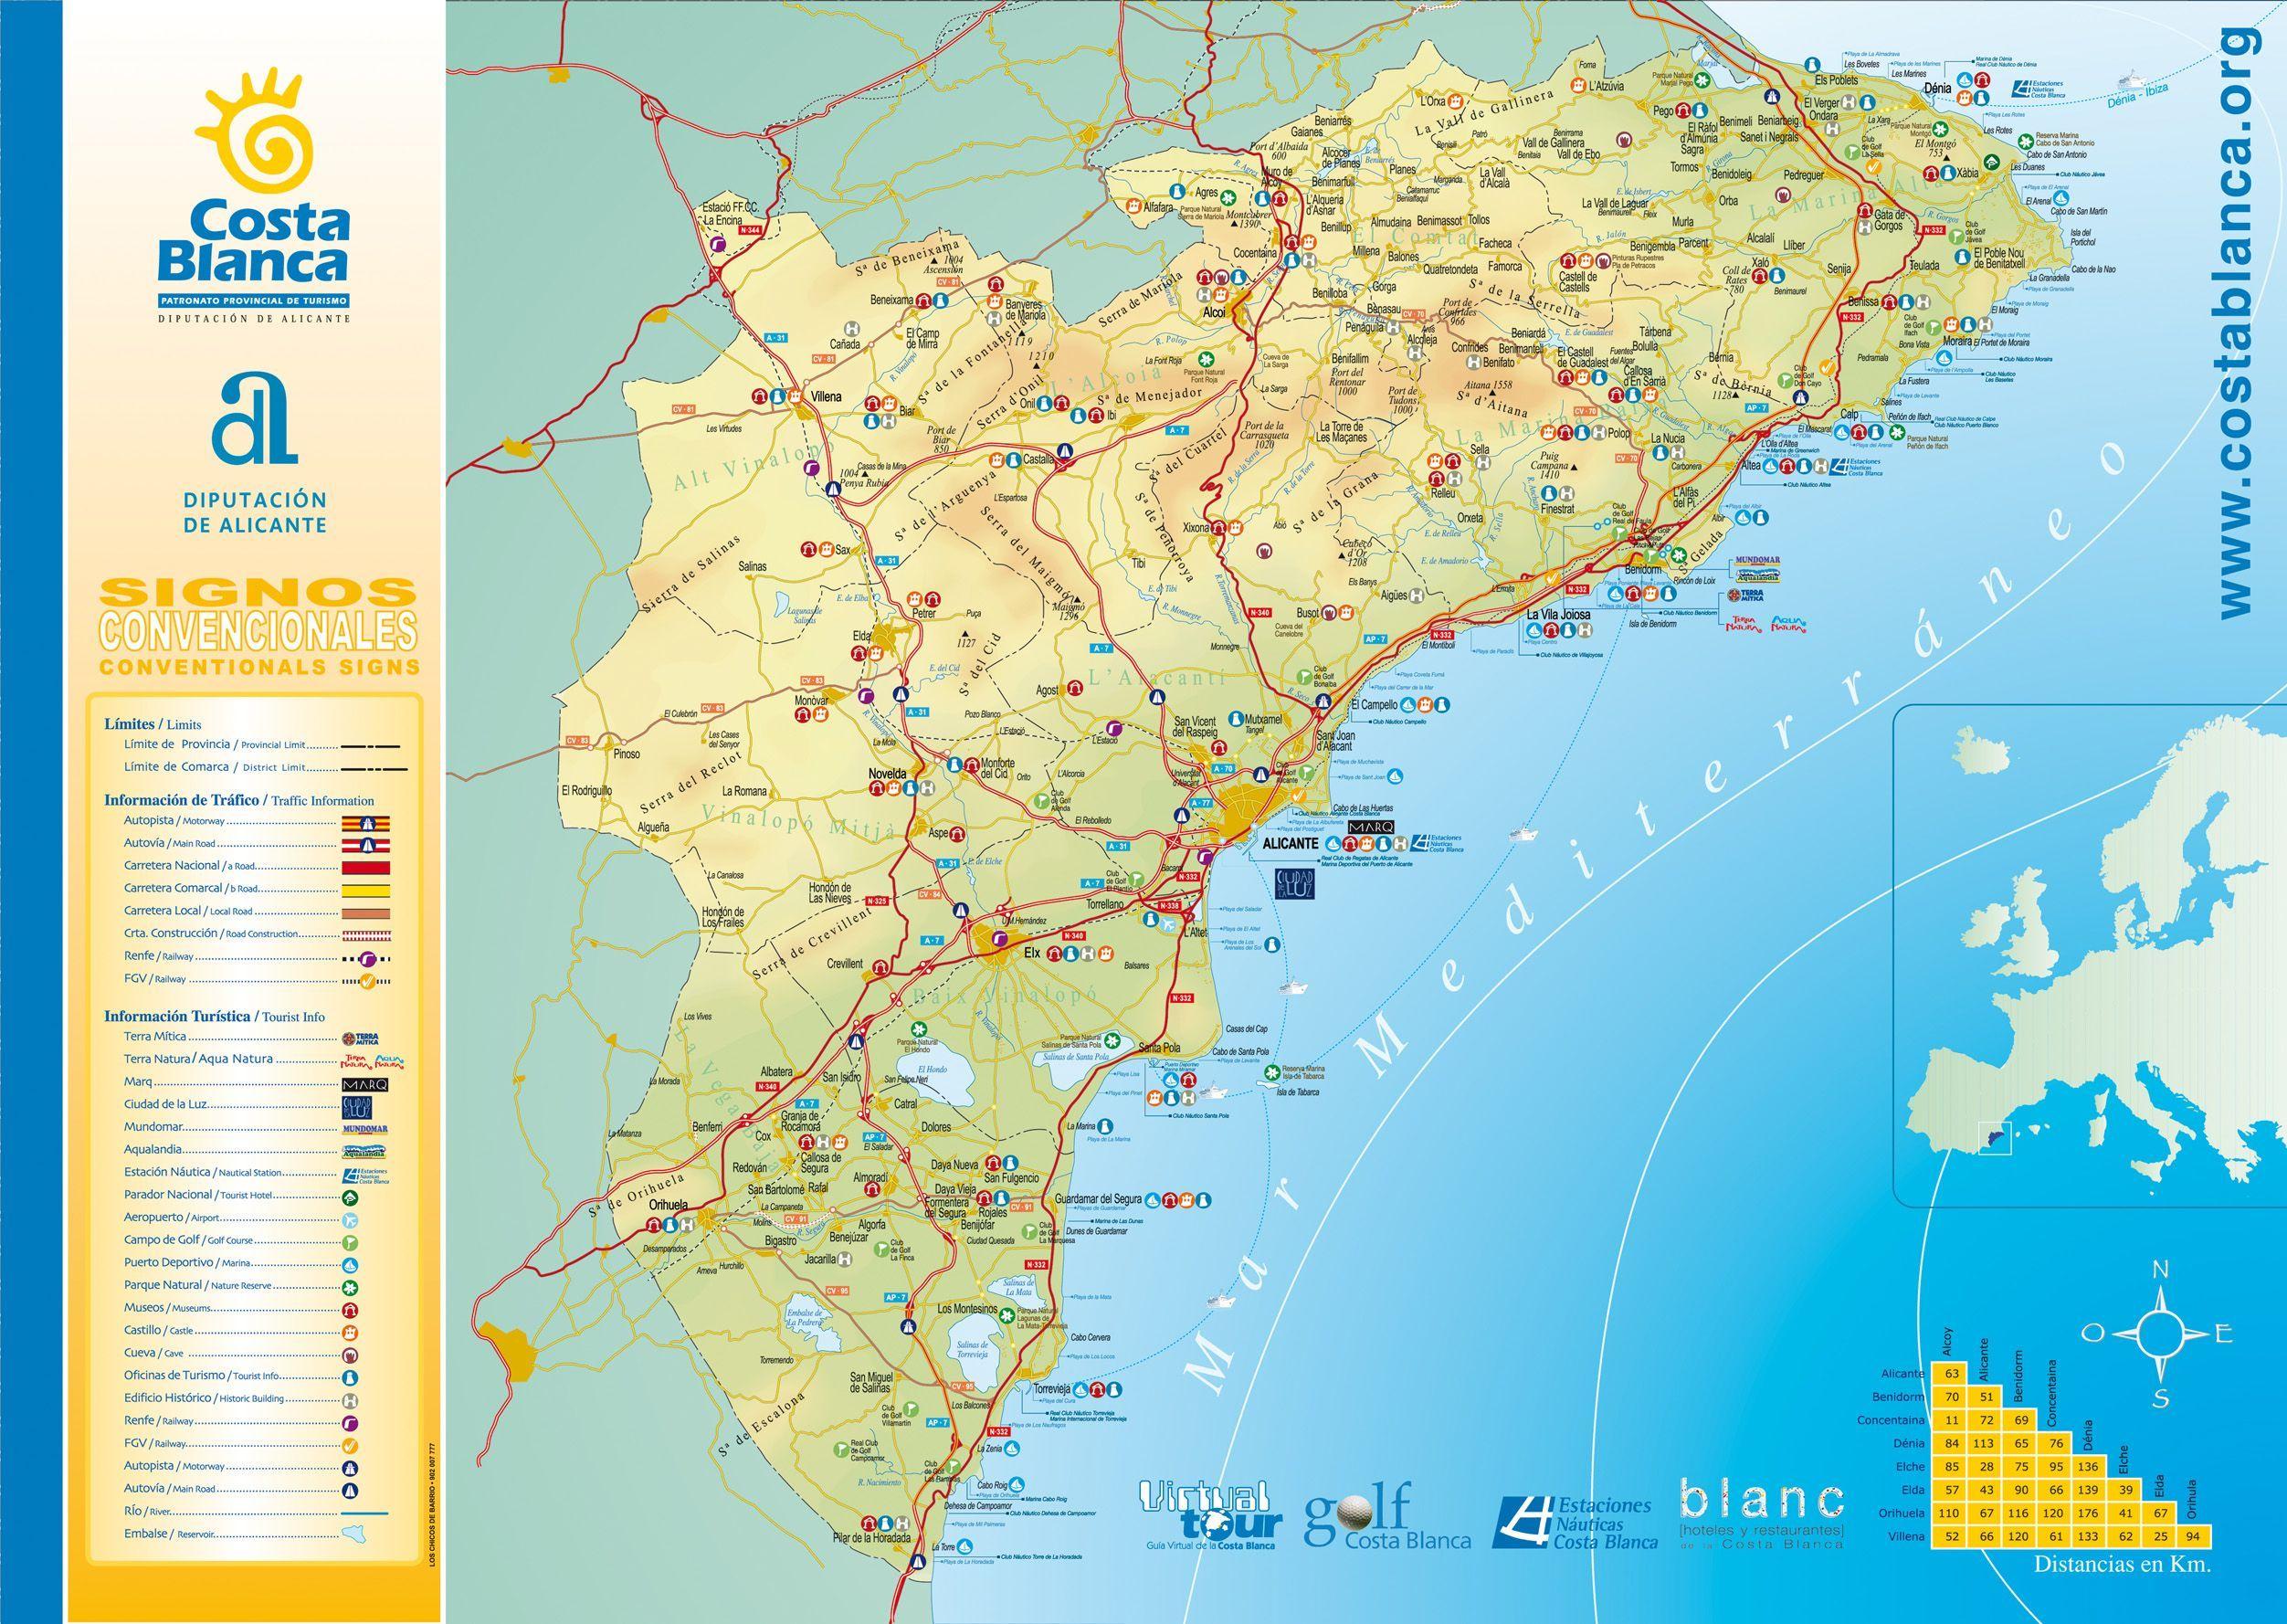 COSTABLANCAmapjpg 25041778 Albir Spain Pinterest Spain